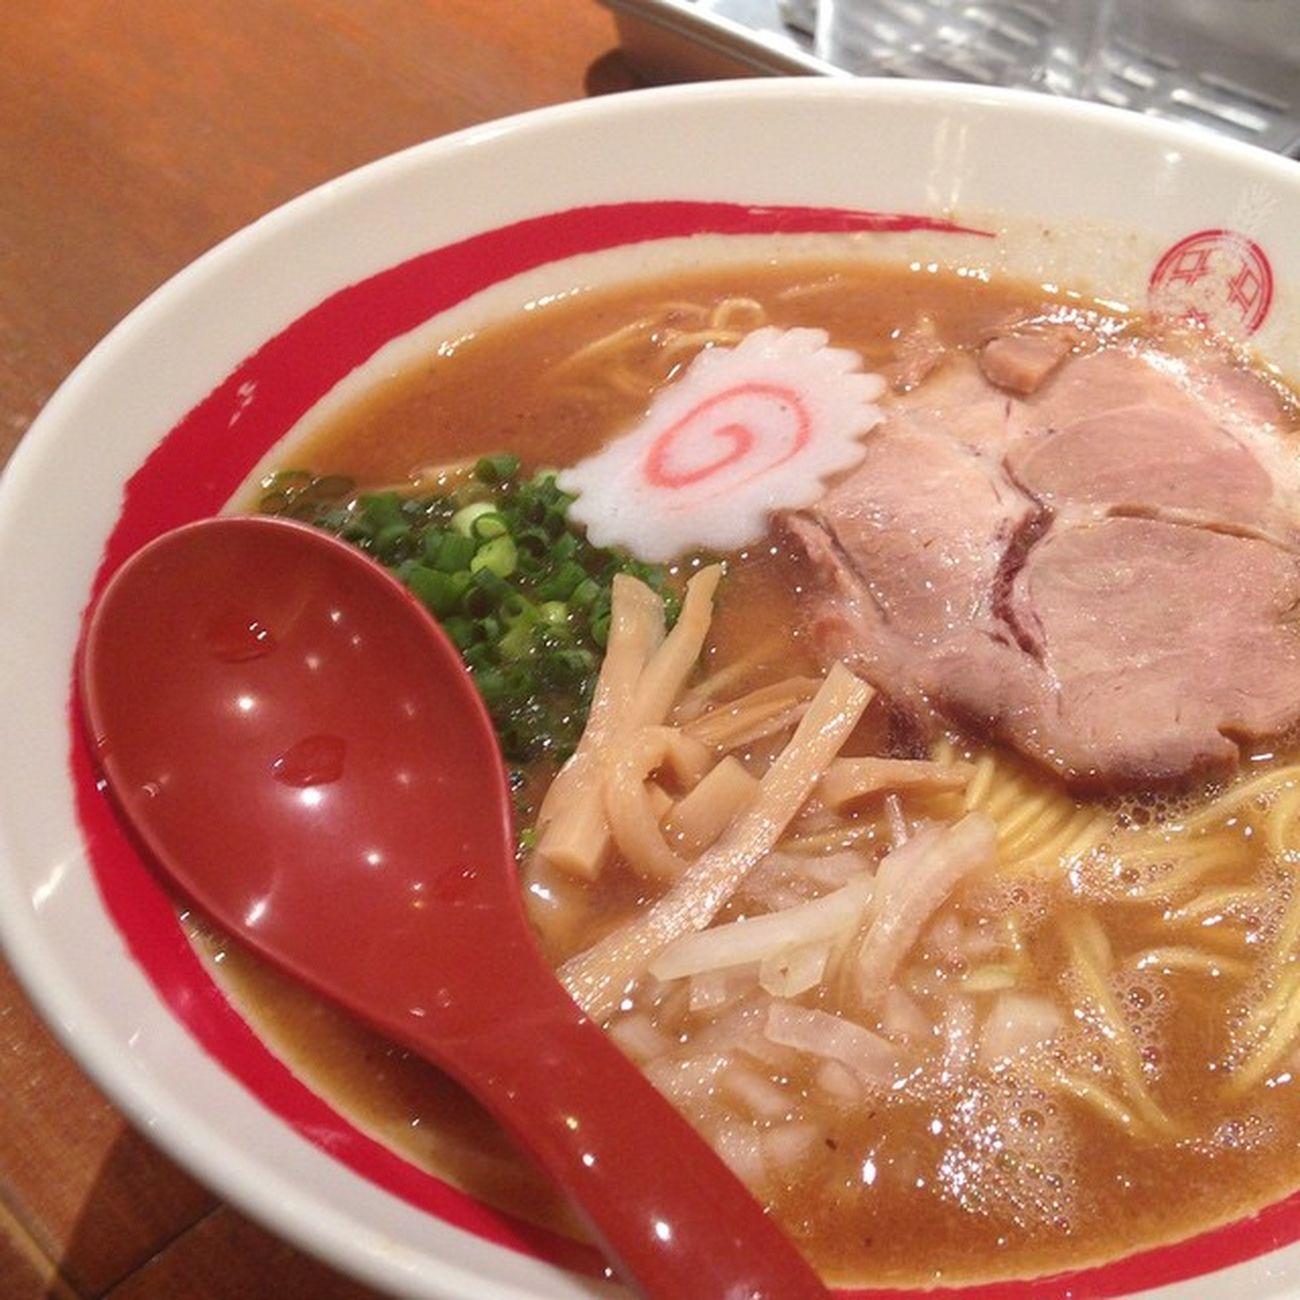 ラーメン Food 三田製麺所 中華そば またラーメンなど…??? ここつけ麺専門みたいだけど…中華そばな気分だったもので…?つけ麺の麺むっちゃ太いや。